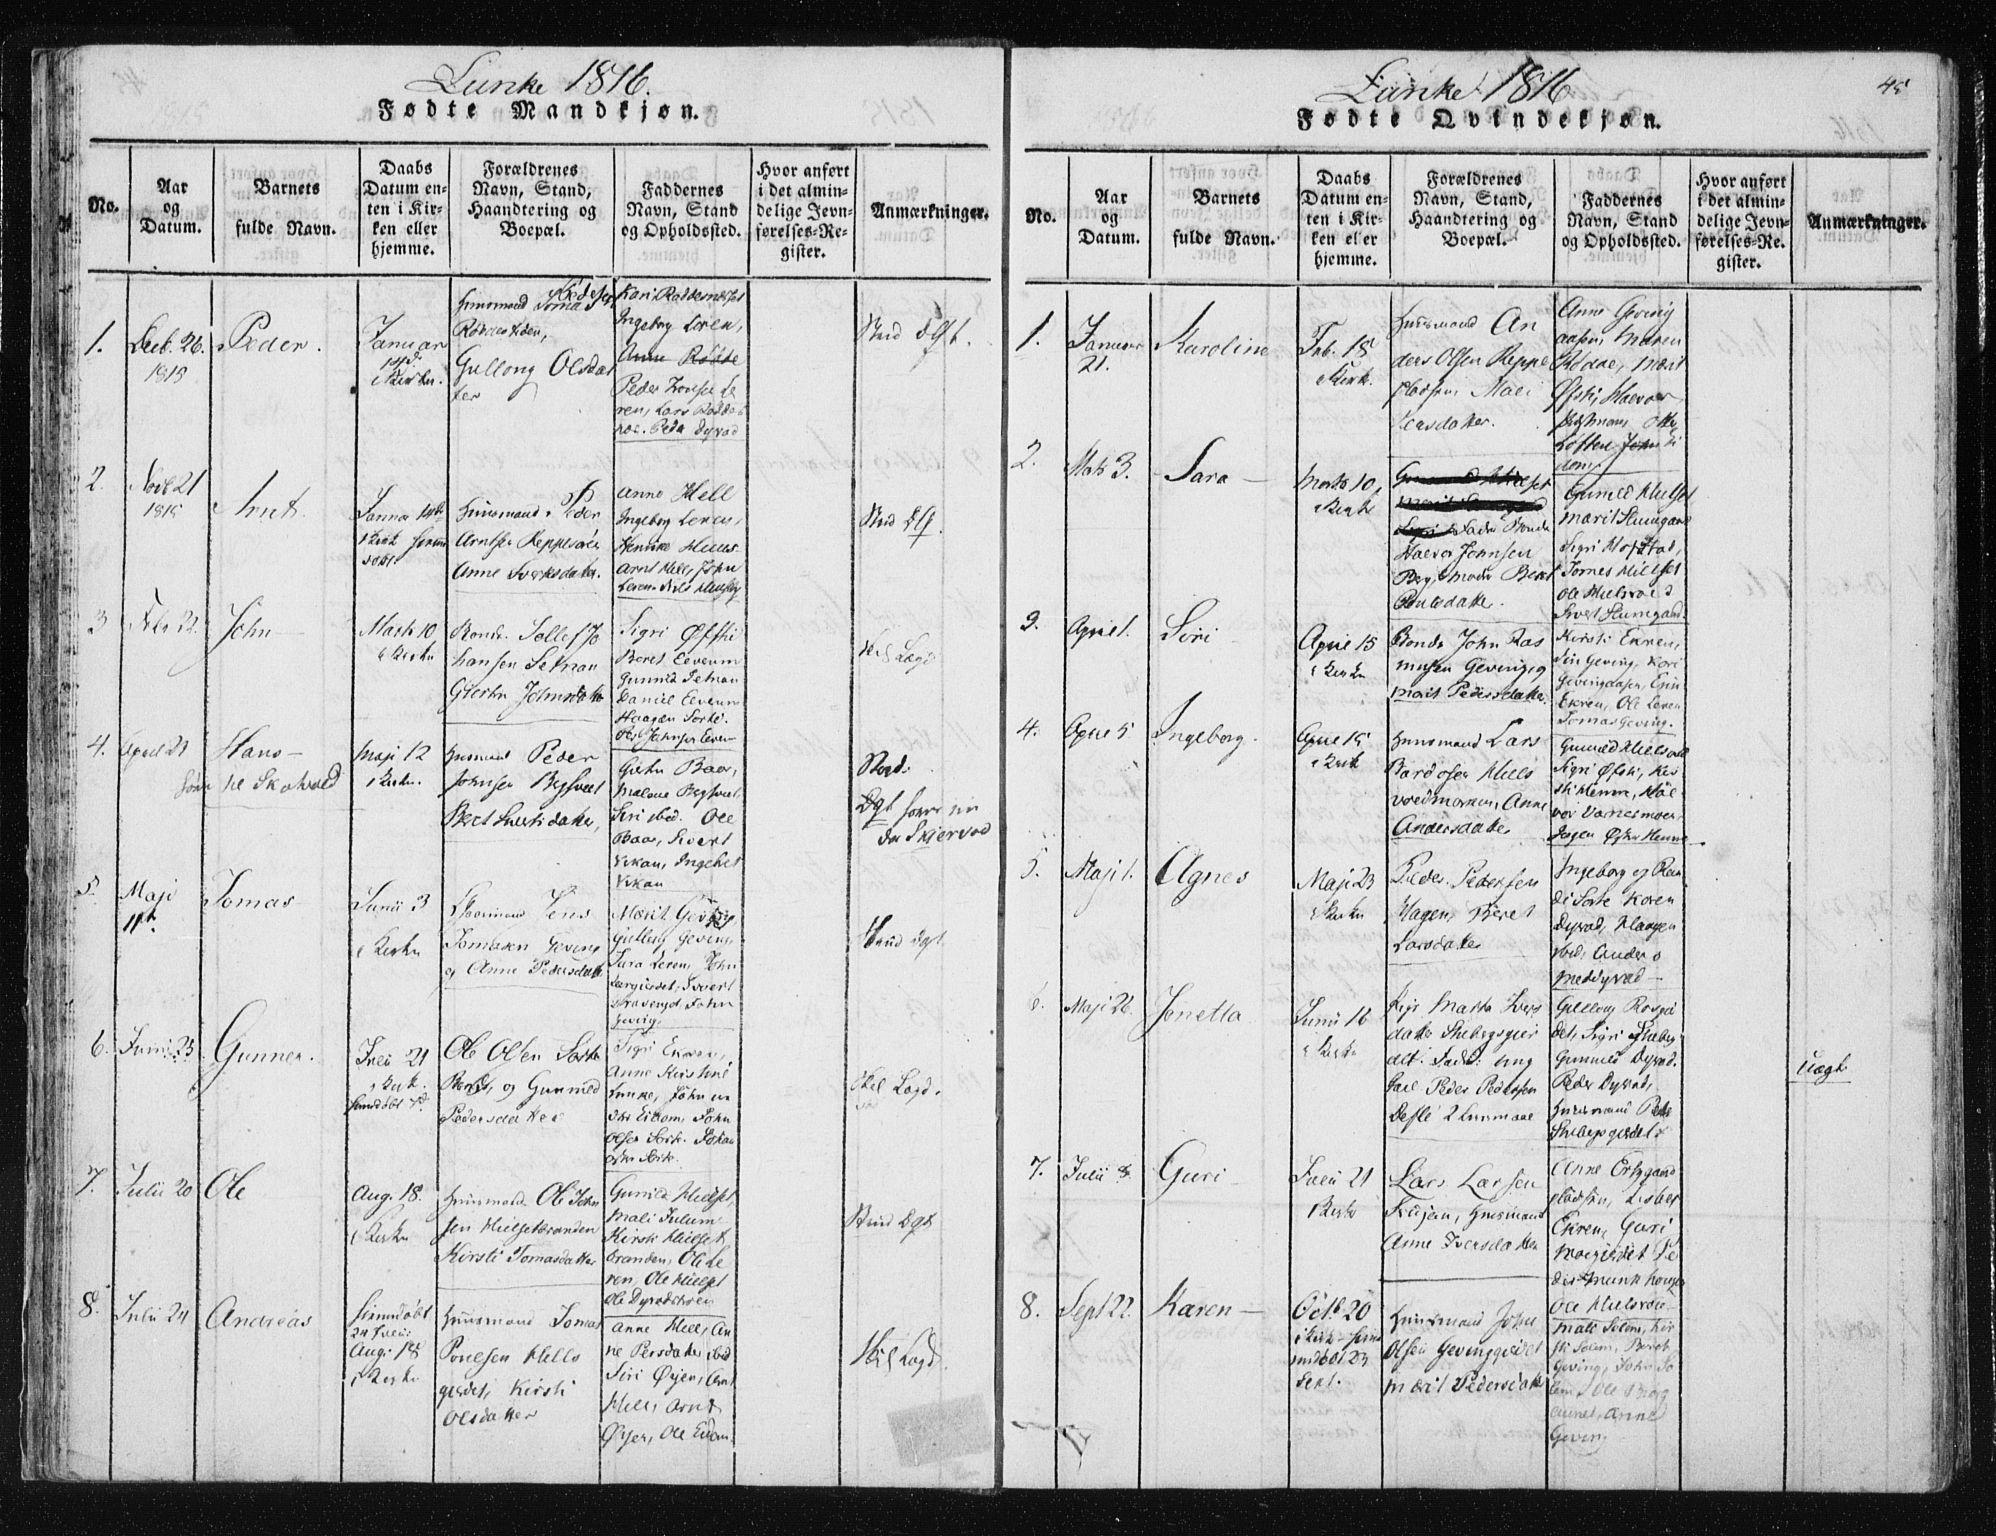 SAT, Ministerialprotokoller, klokkerbøker og fødselsregistre - Nord-Trøndelag, 709/L0061: Ministerialbok nr. 709A08 /3, 1815-1819, s. 45